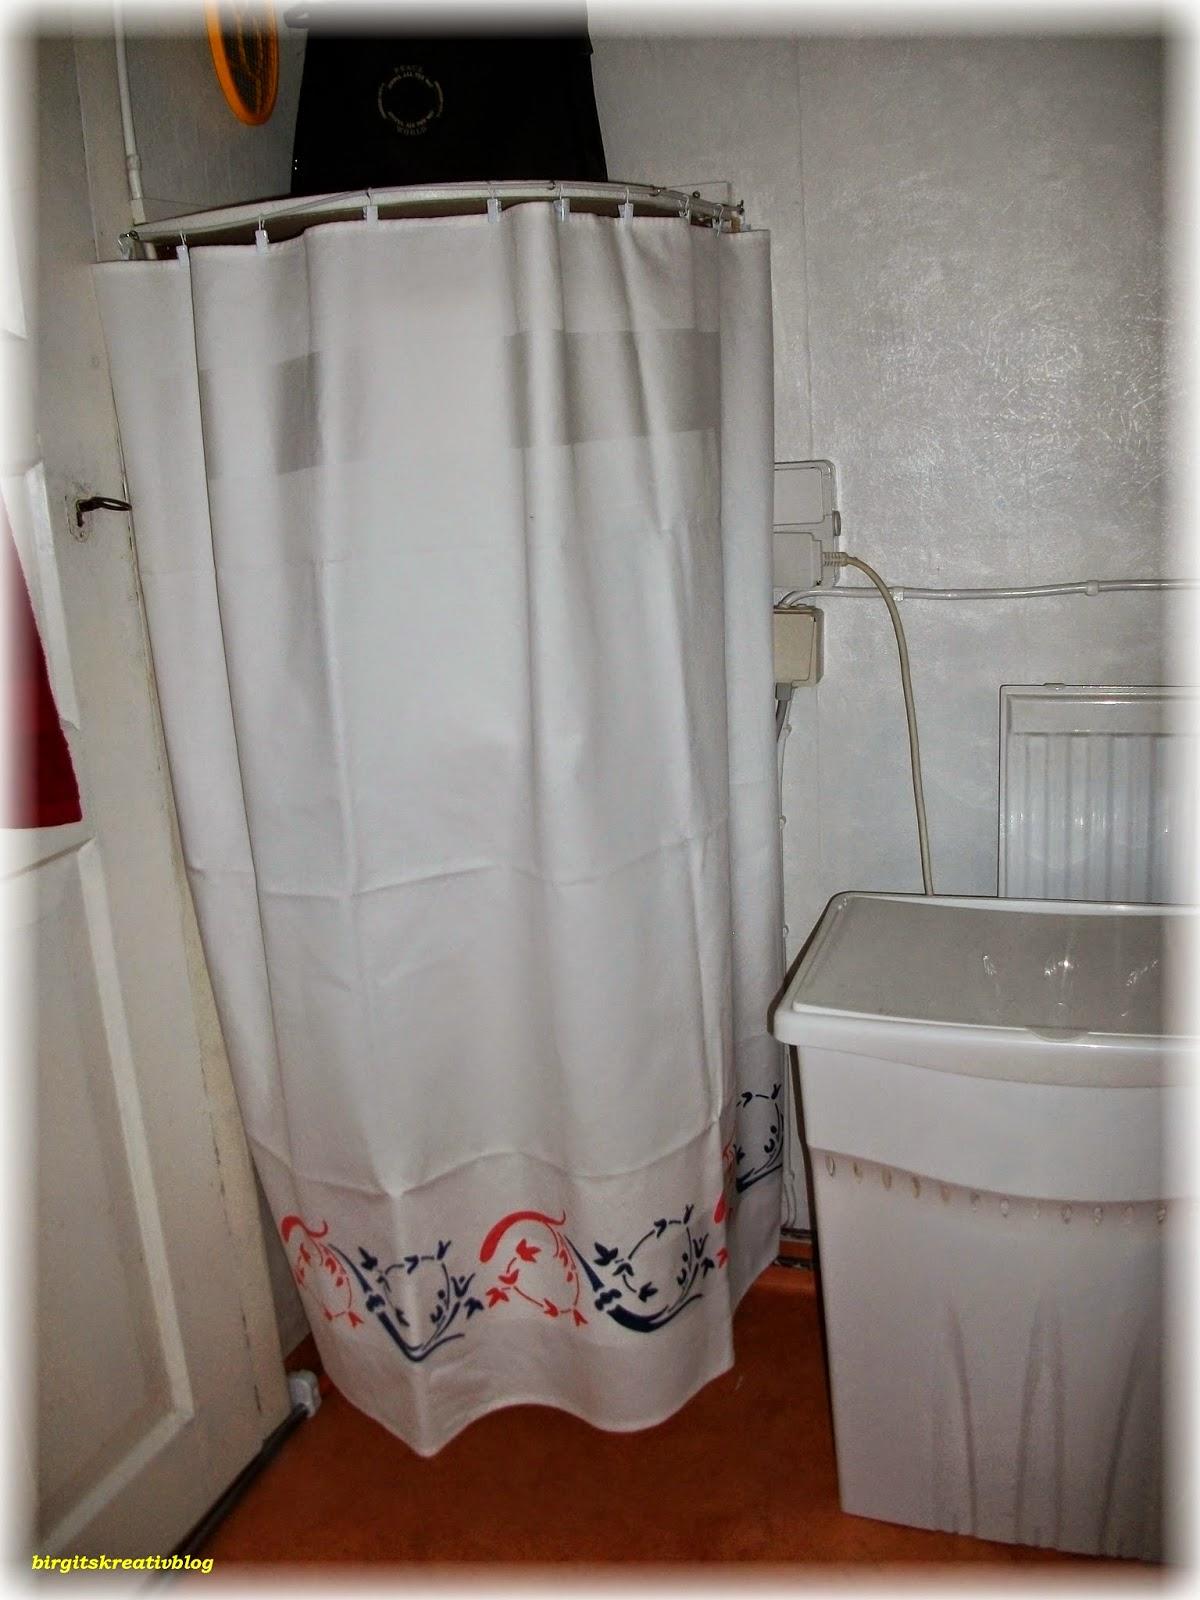 birgits kreativblog der vorhang. Black Bedroom Furniture Sets. Home Design Ideas